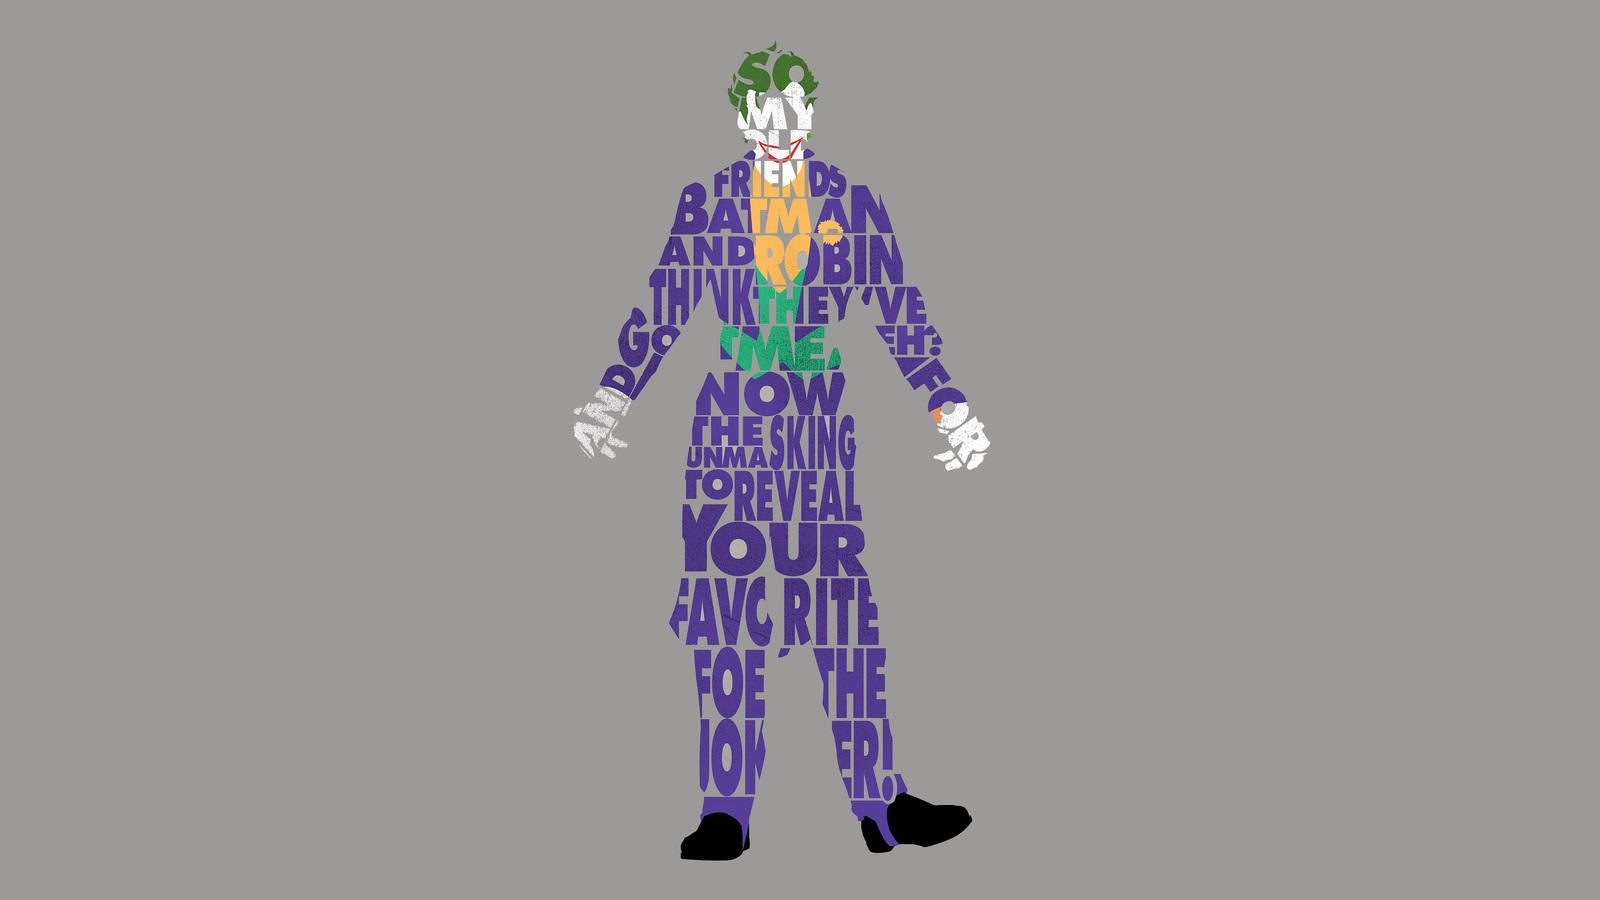 joker-typography-4k-8r.jpg